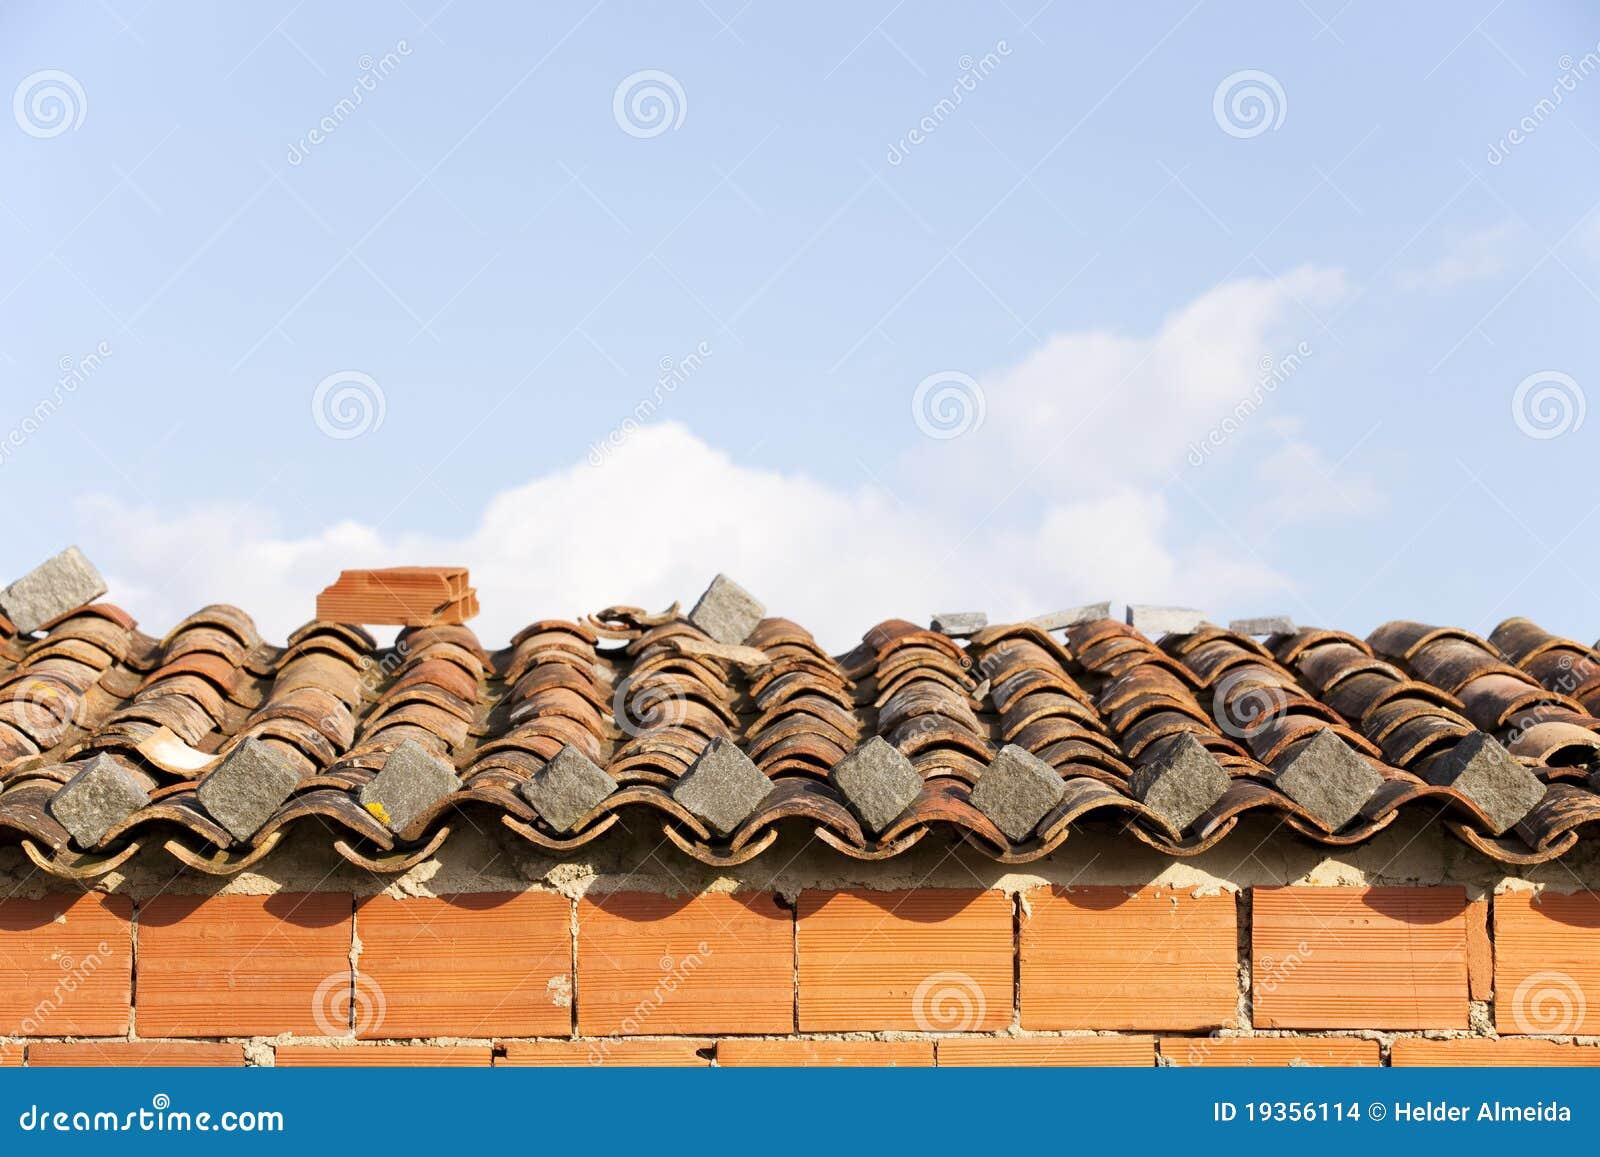 Telhado de telha velho